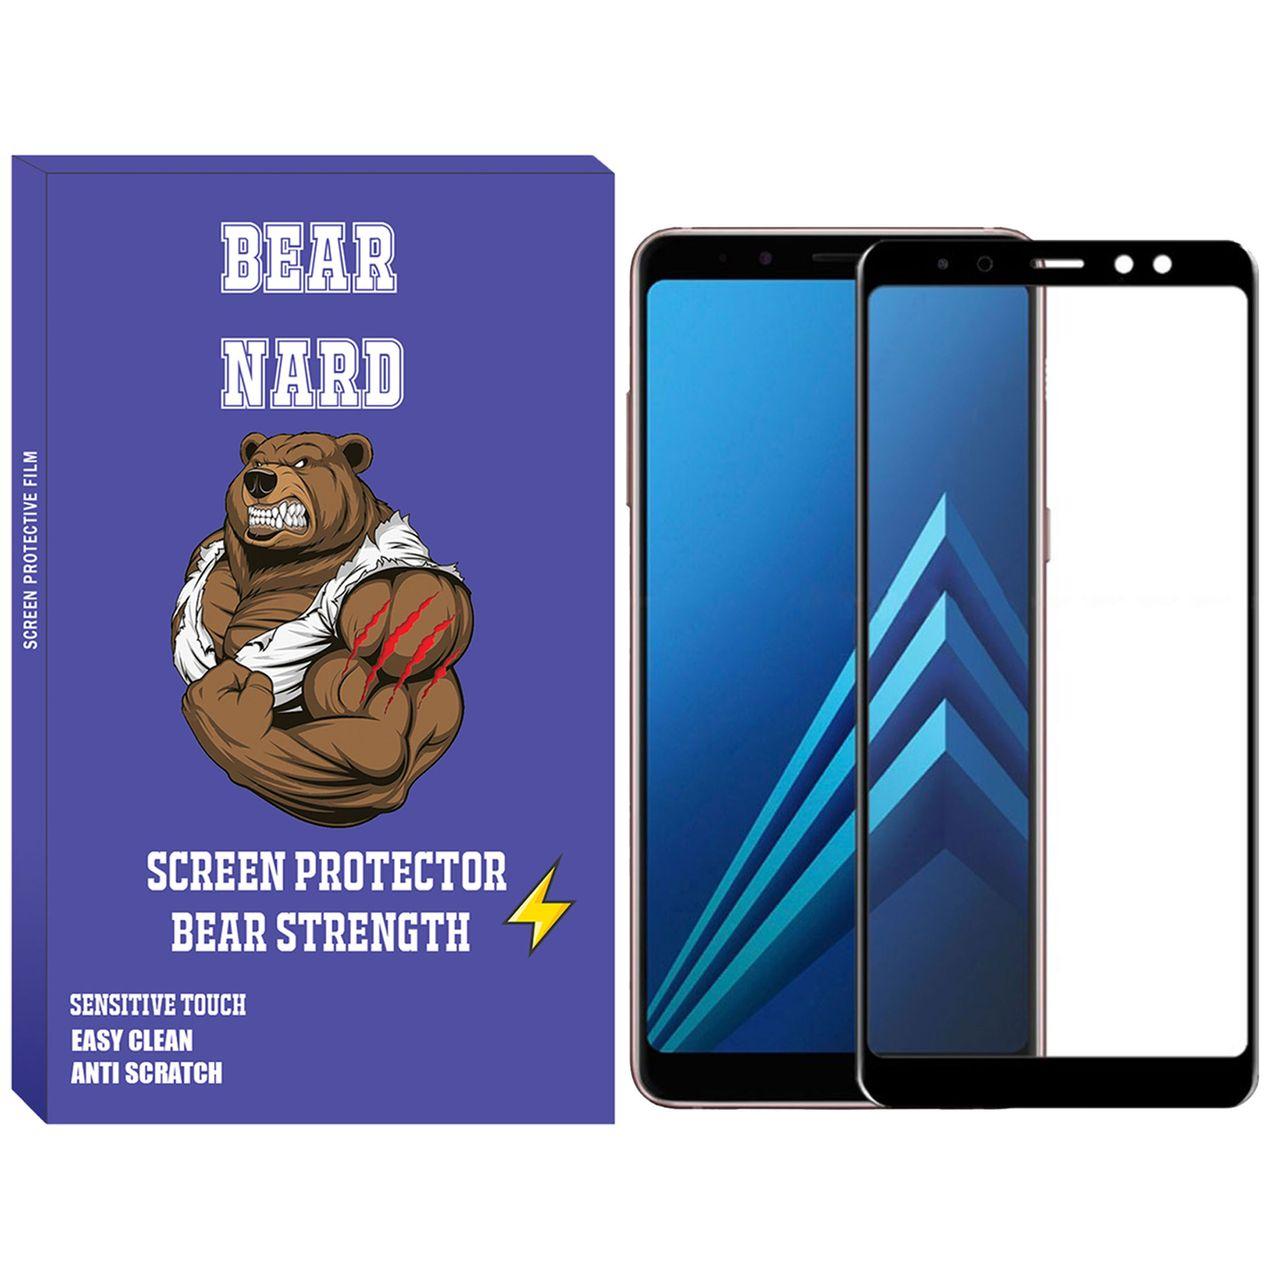 محافظ صفحه نمایش برنارد مدل FUB-01 مناسب برای گوشی موبایل سامسونگ Galaxy A6 2018